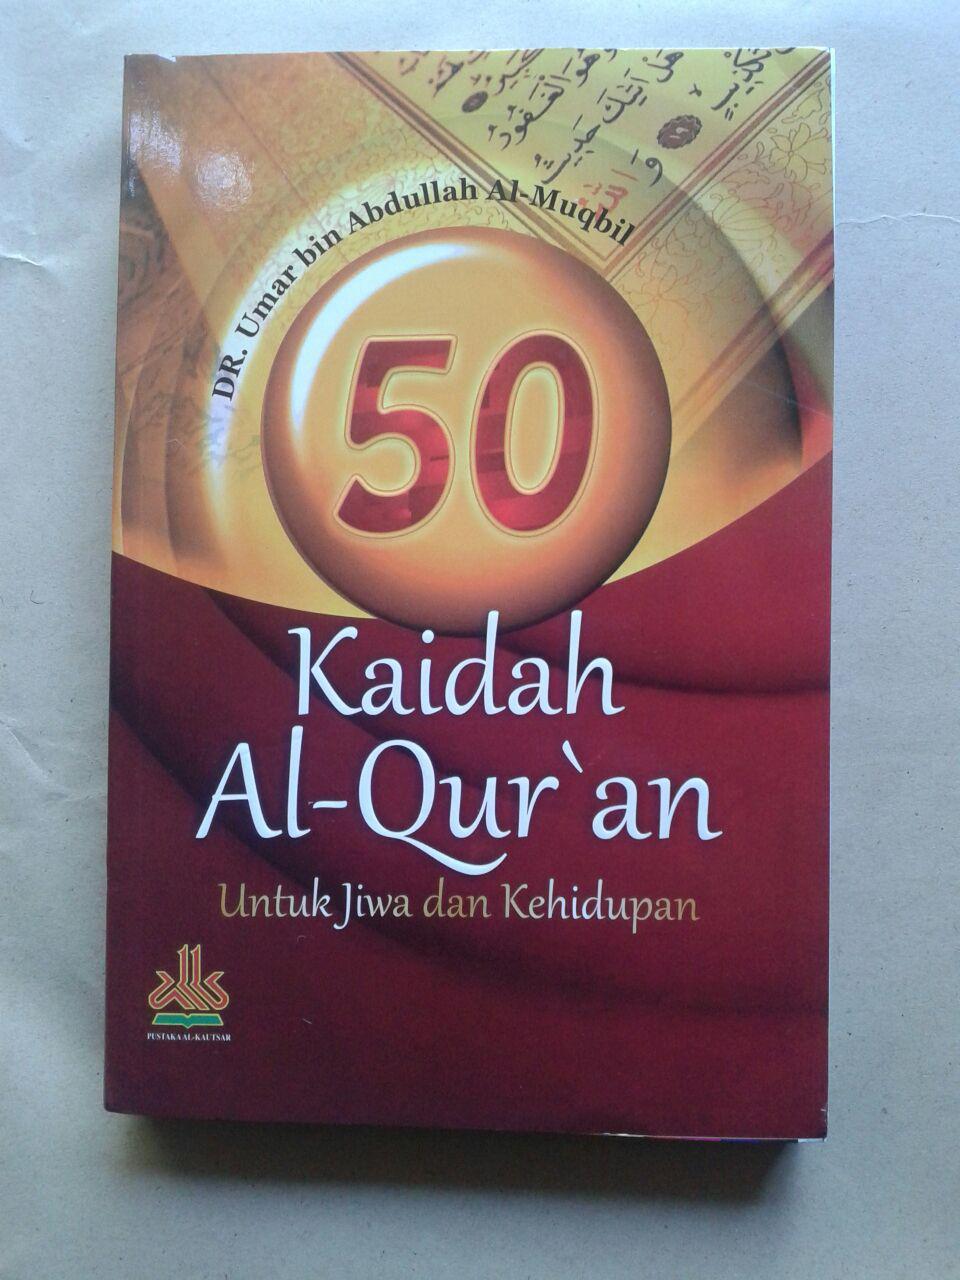 Buku 50 Kaidah Al-Qur'an Dalam Jiwa Dan Kehidupan 75.000 20% 60.000 Pustaka Al-Kautsar cover